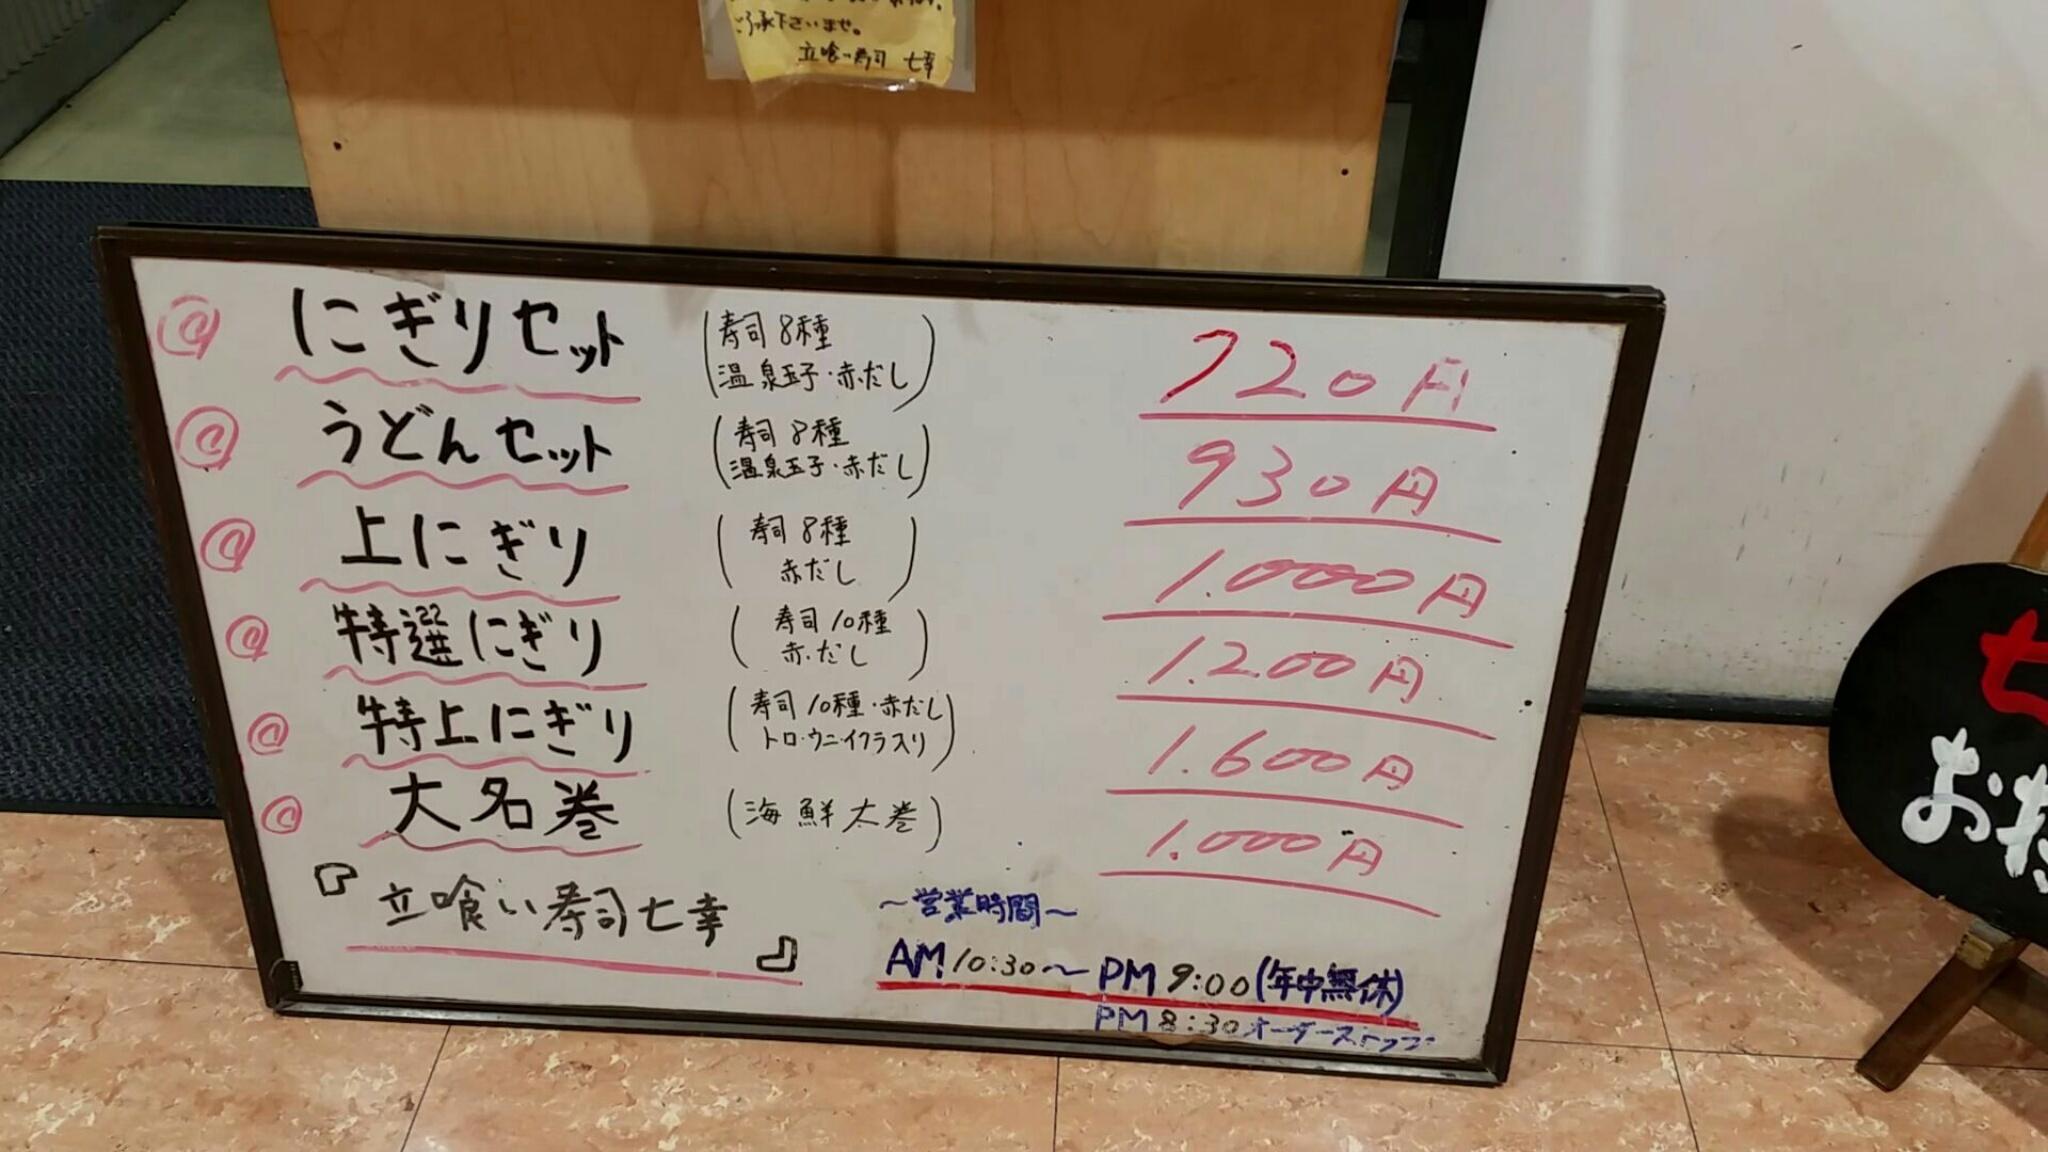 201705291341133cd.jpg